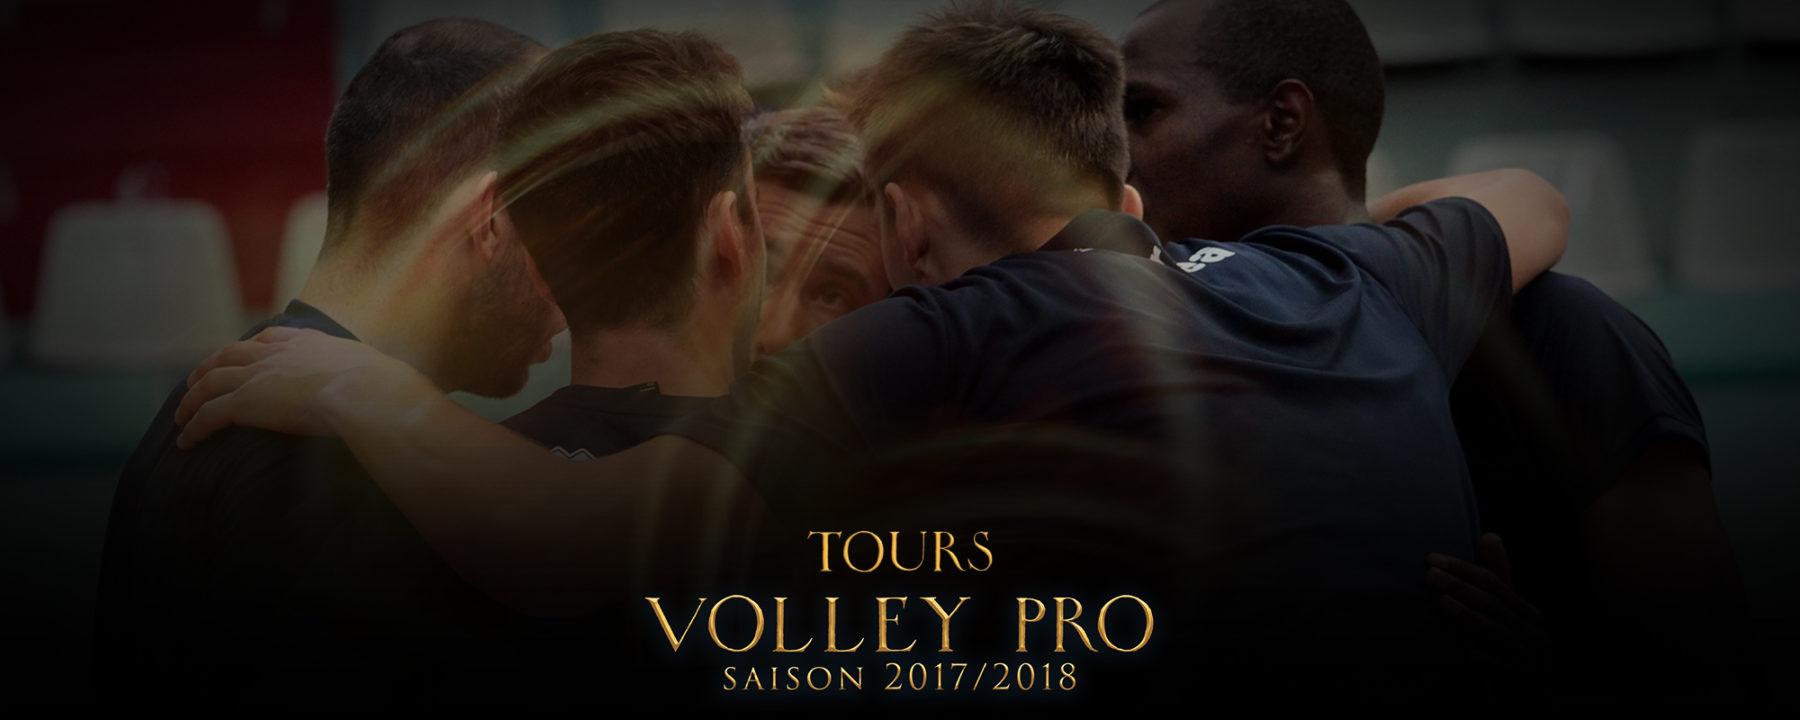 Ligue A Week 2 Recap: Tours on Top, But Paris Awaits on Saturday